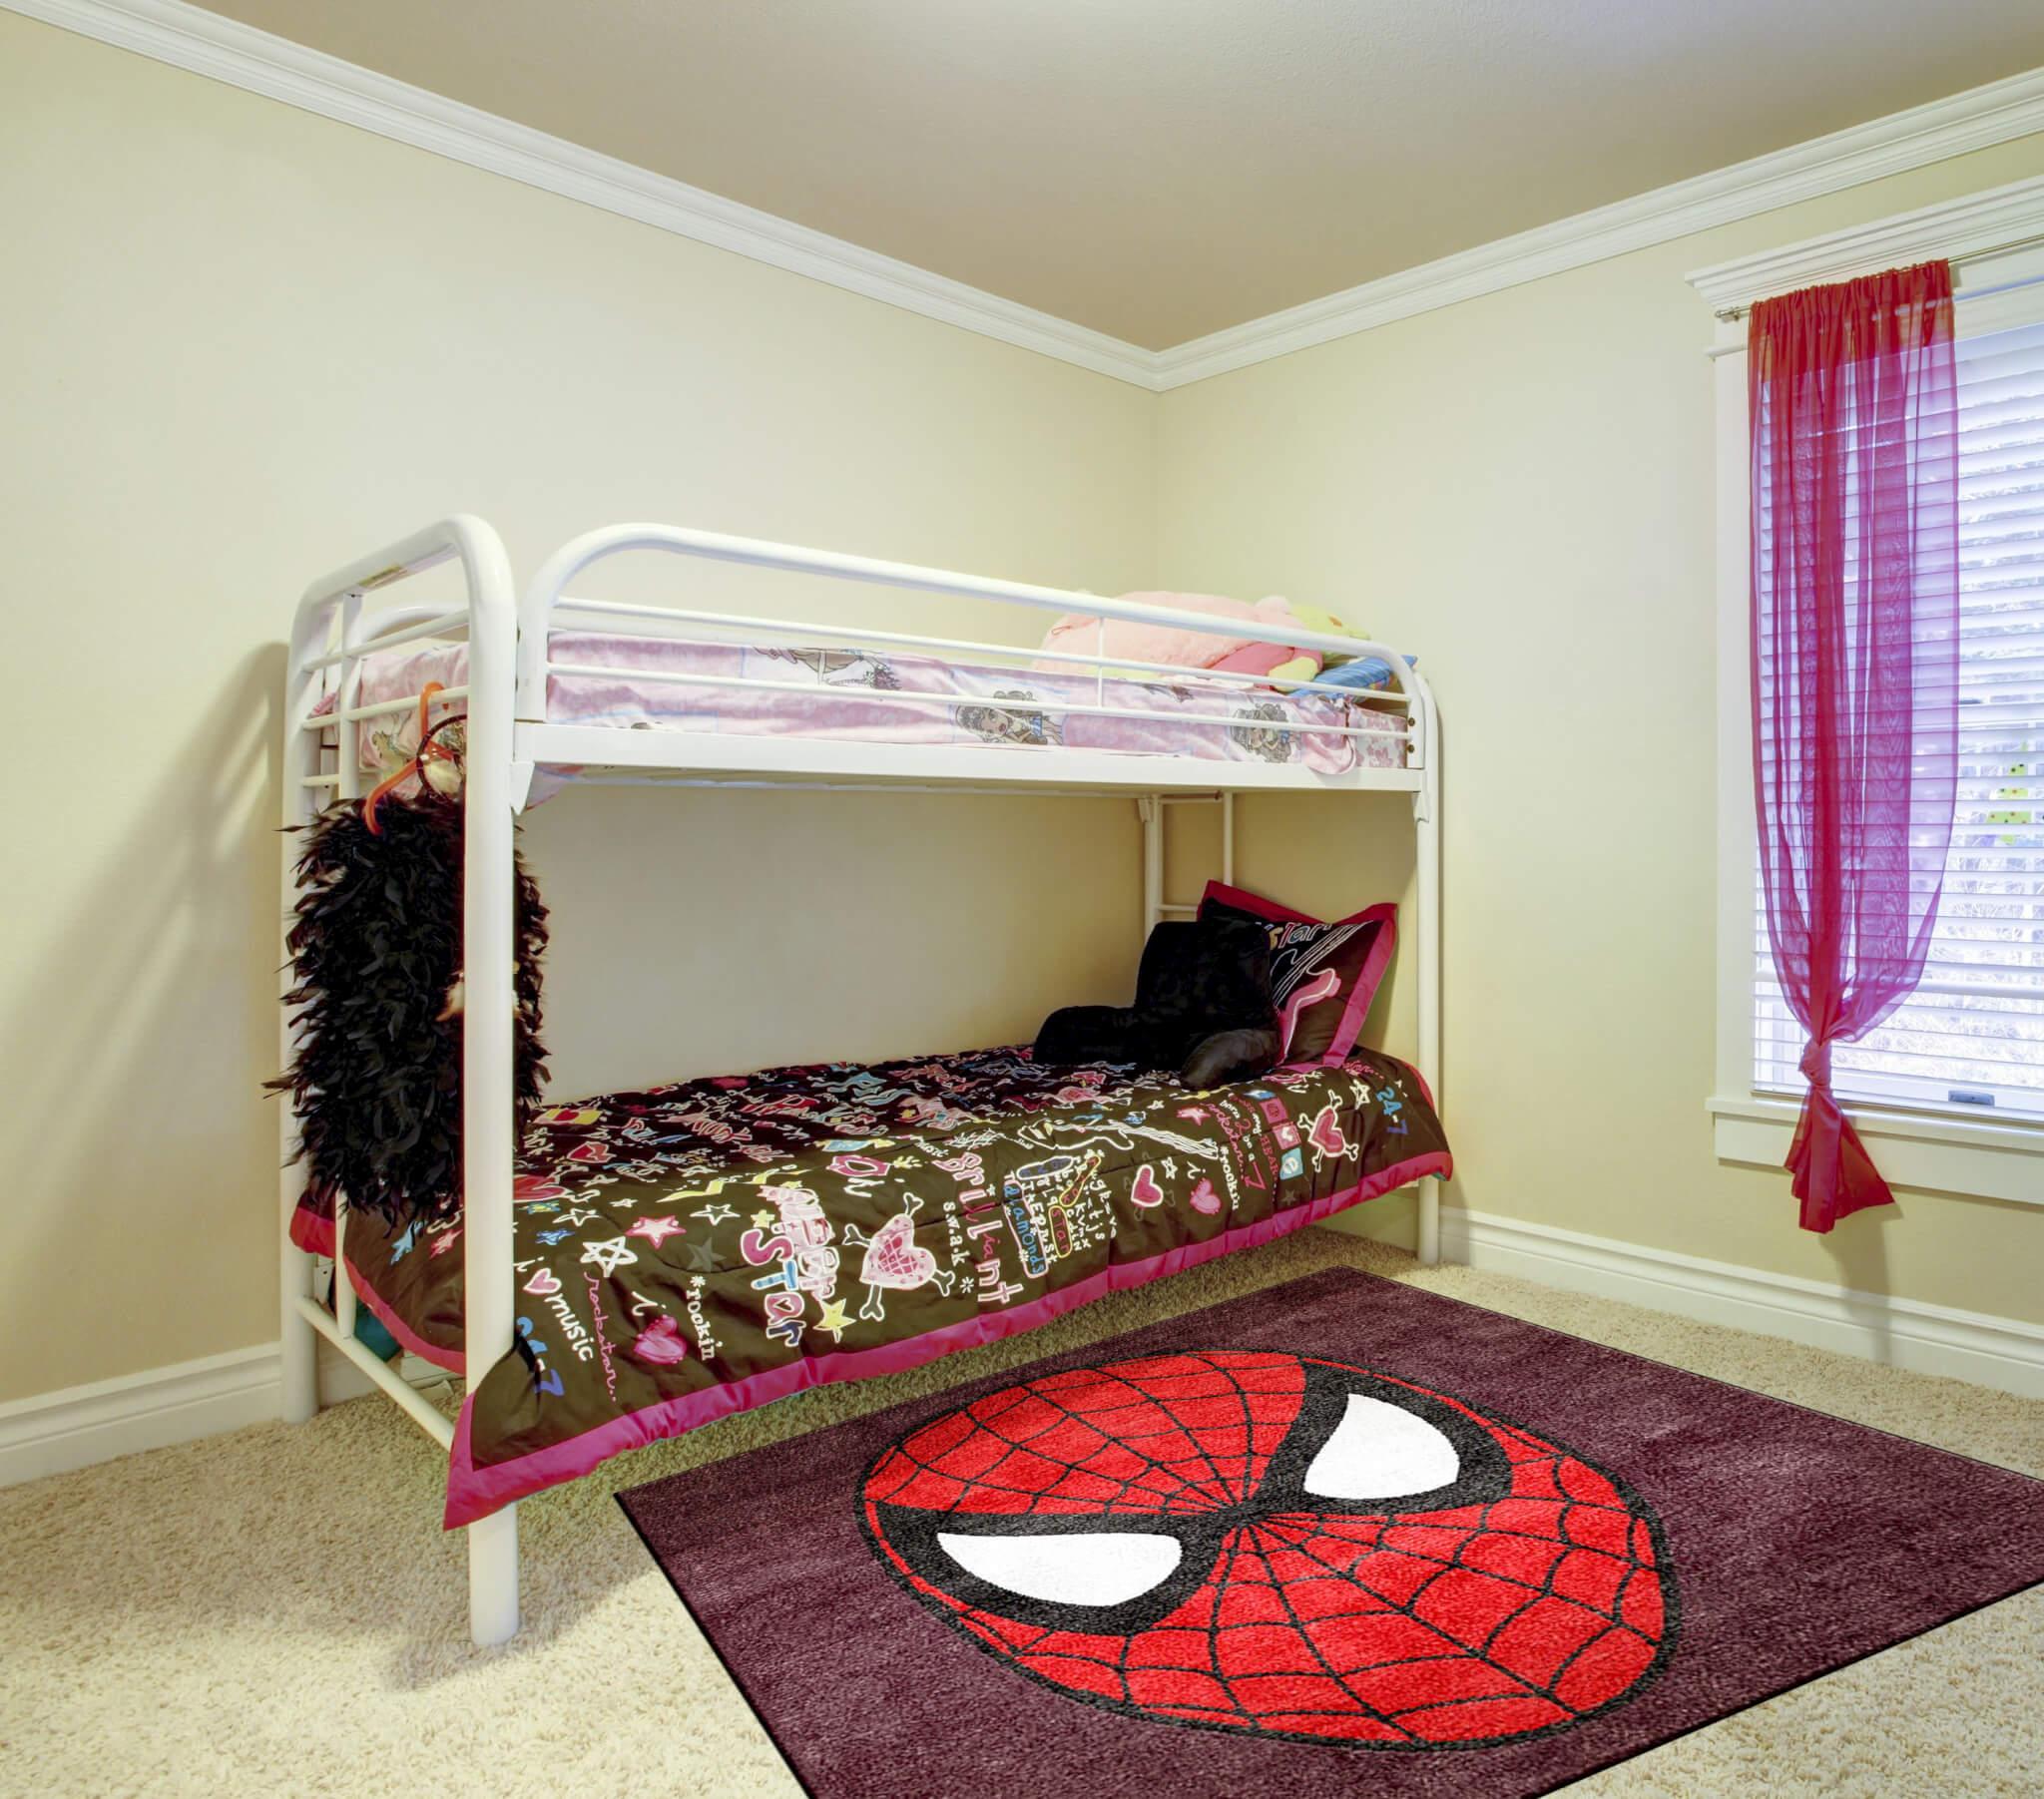 Buy Spiderman Children's Rug Online | Rug Rats